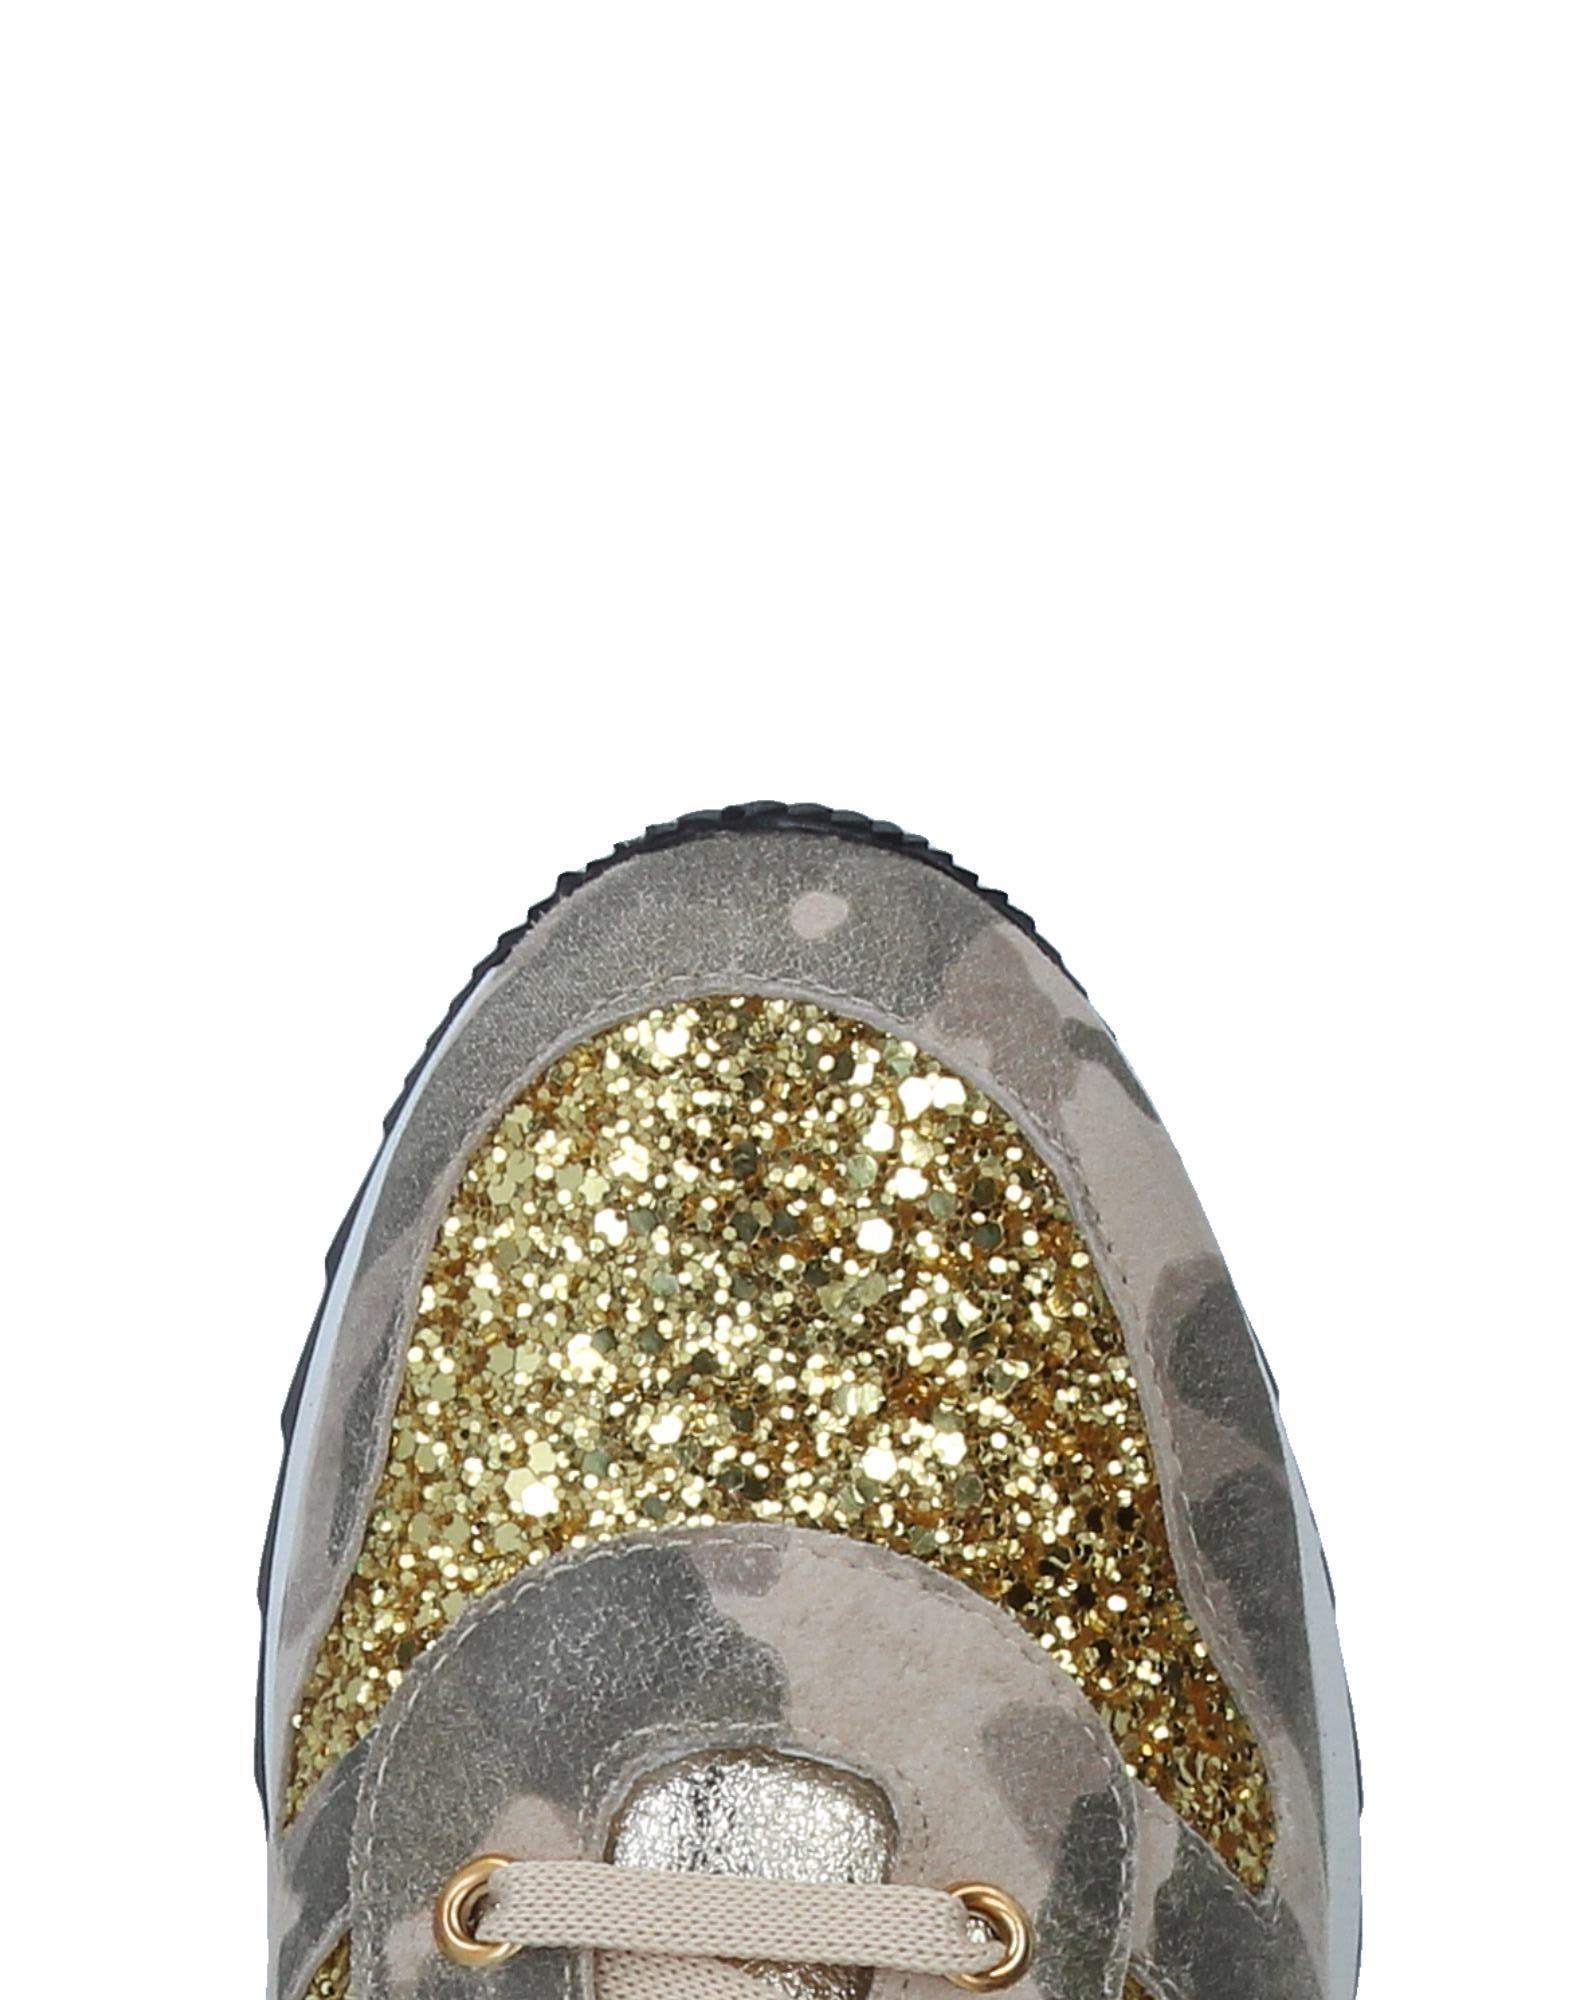 Tsd12 Sneakers es Damen Gutes Preis-Leistungs-Verhältnis, es Sneakers lohnt sich 96eab4